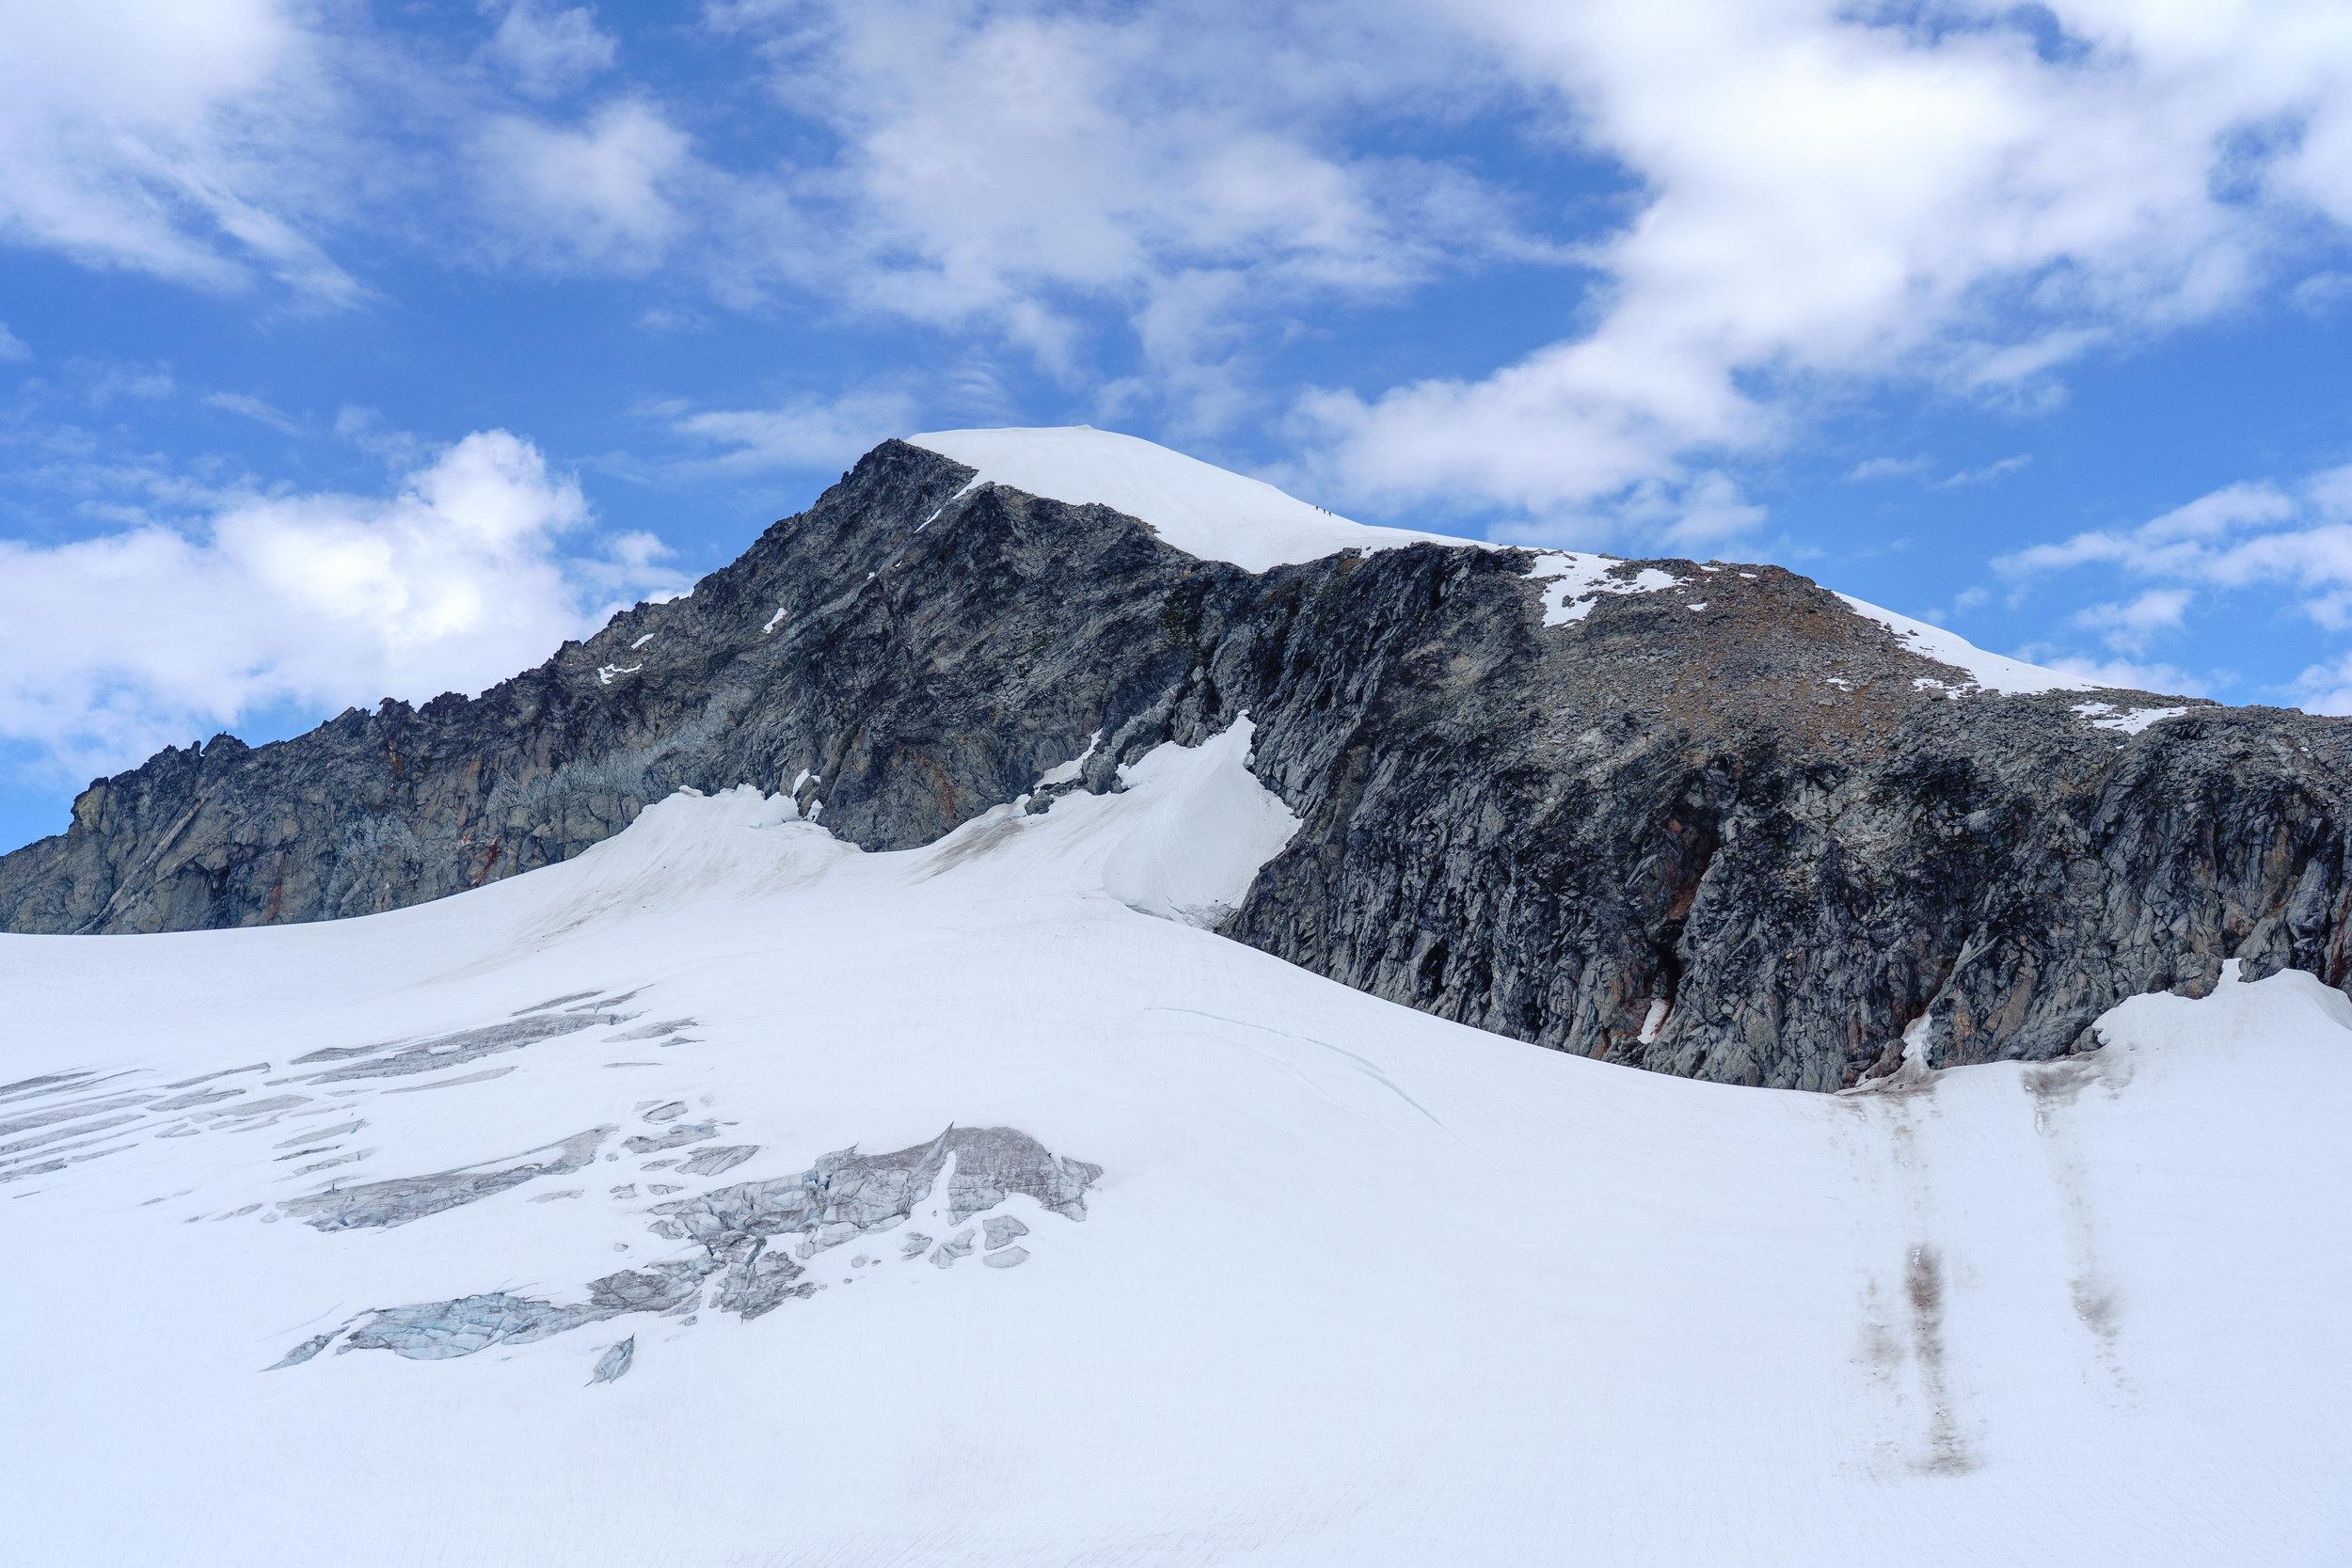 Approaching Eldorado Peak